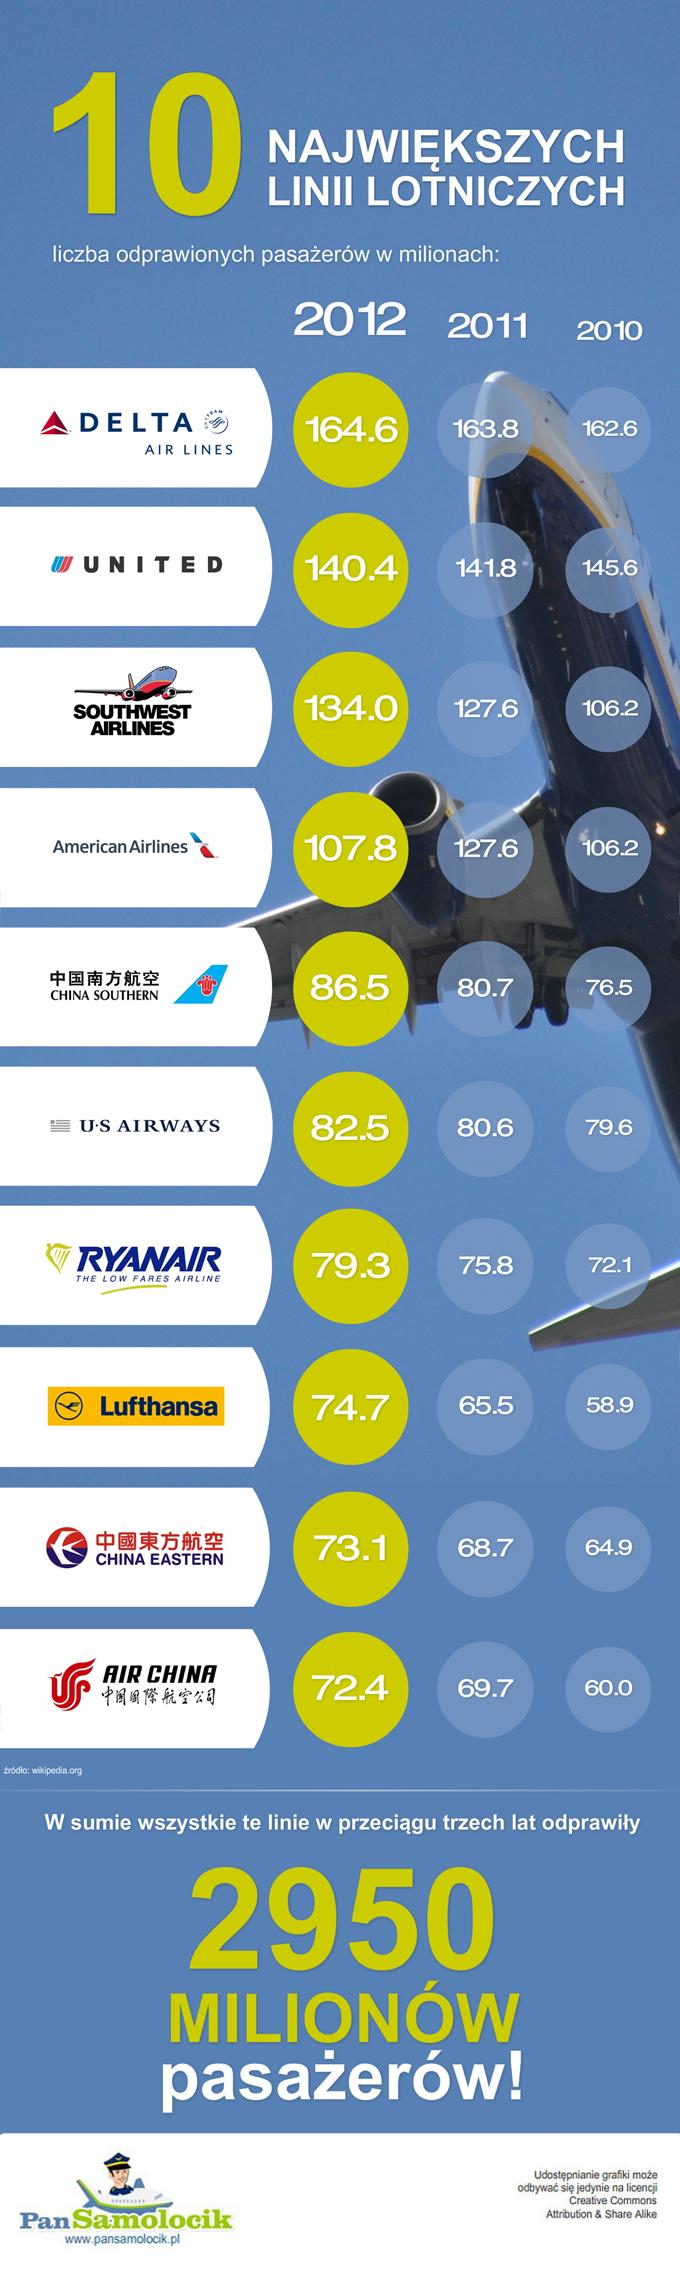 10 największych linii lotniczych [infografika]